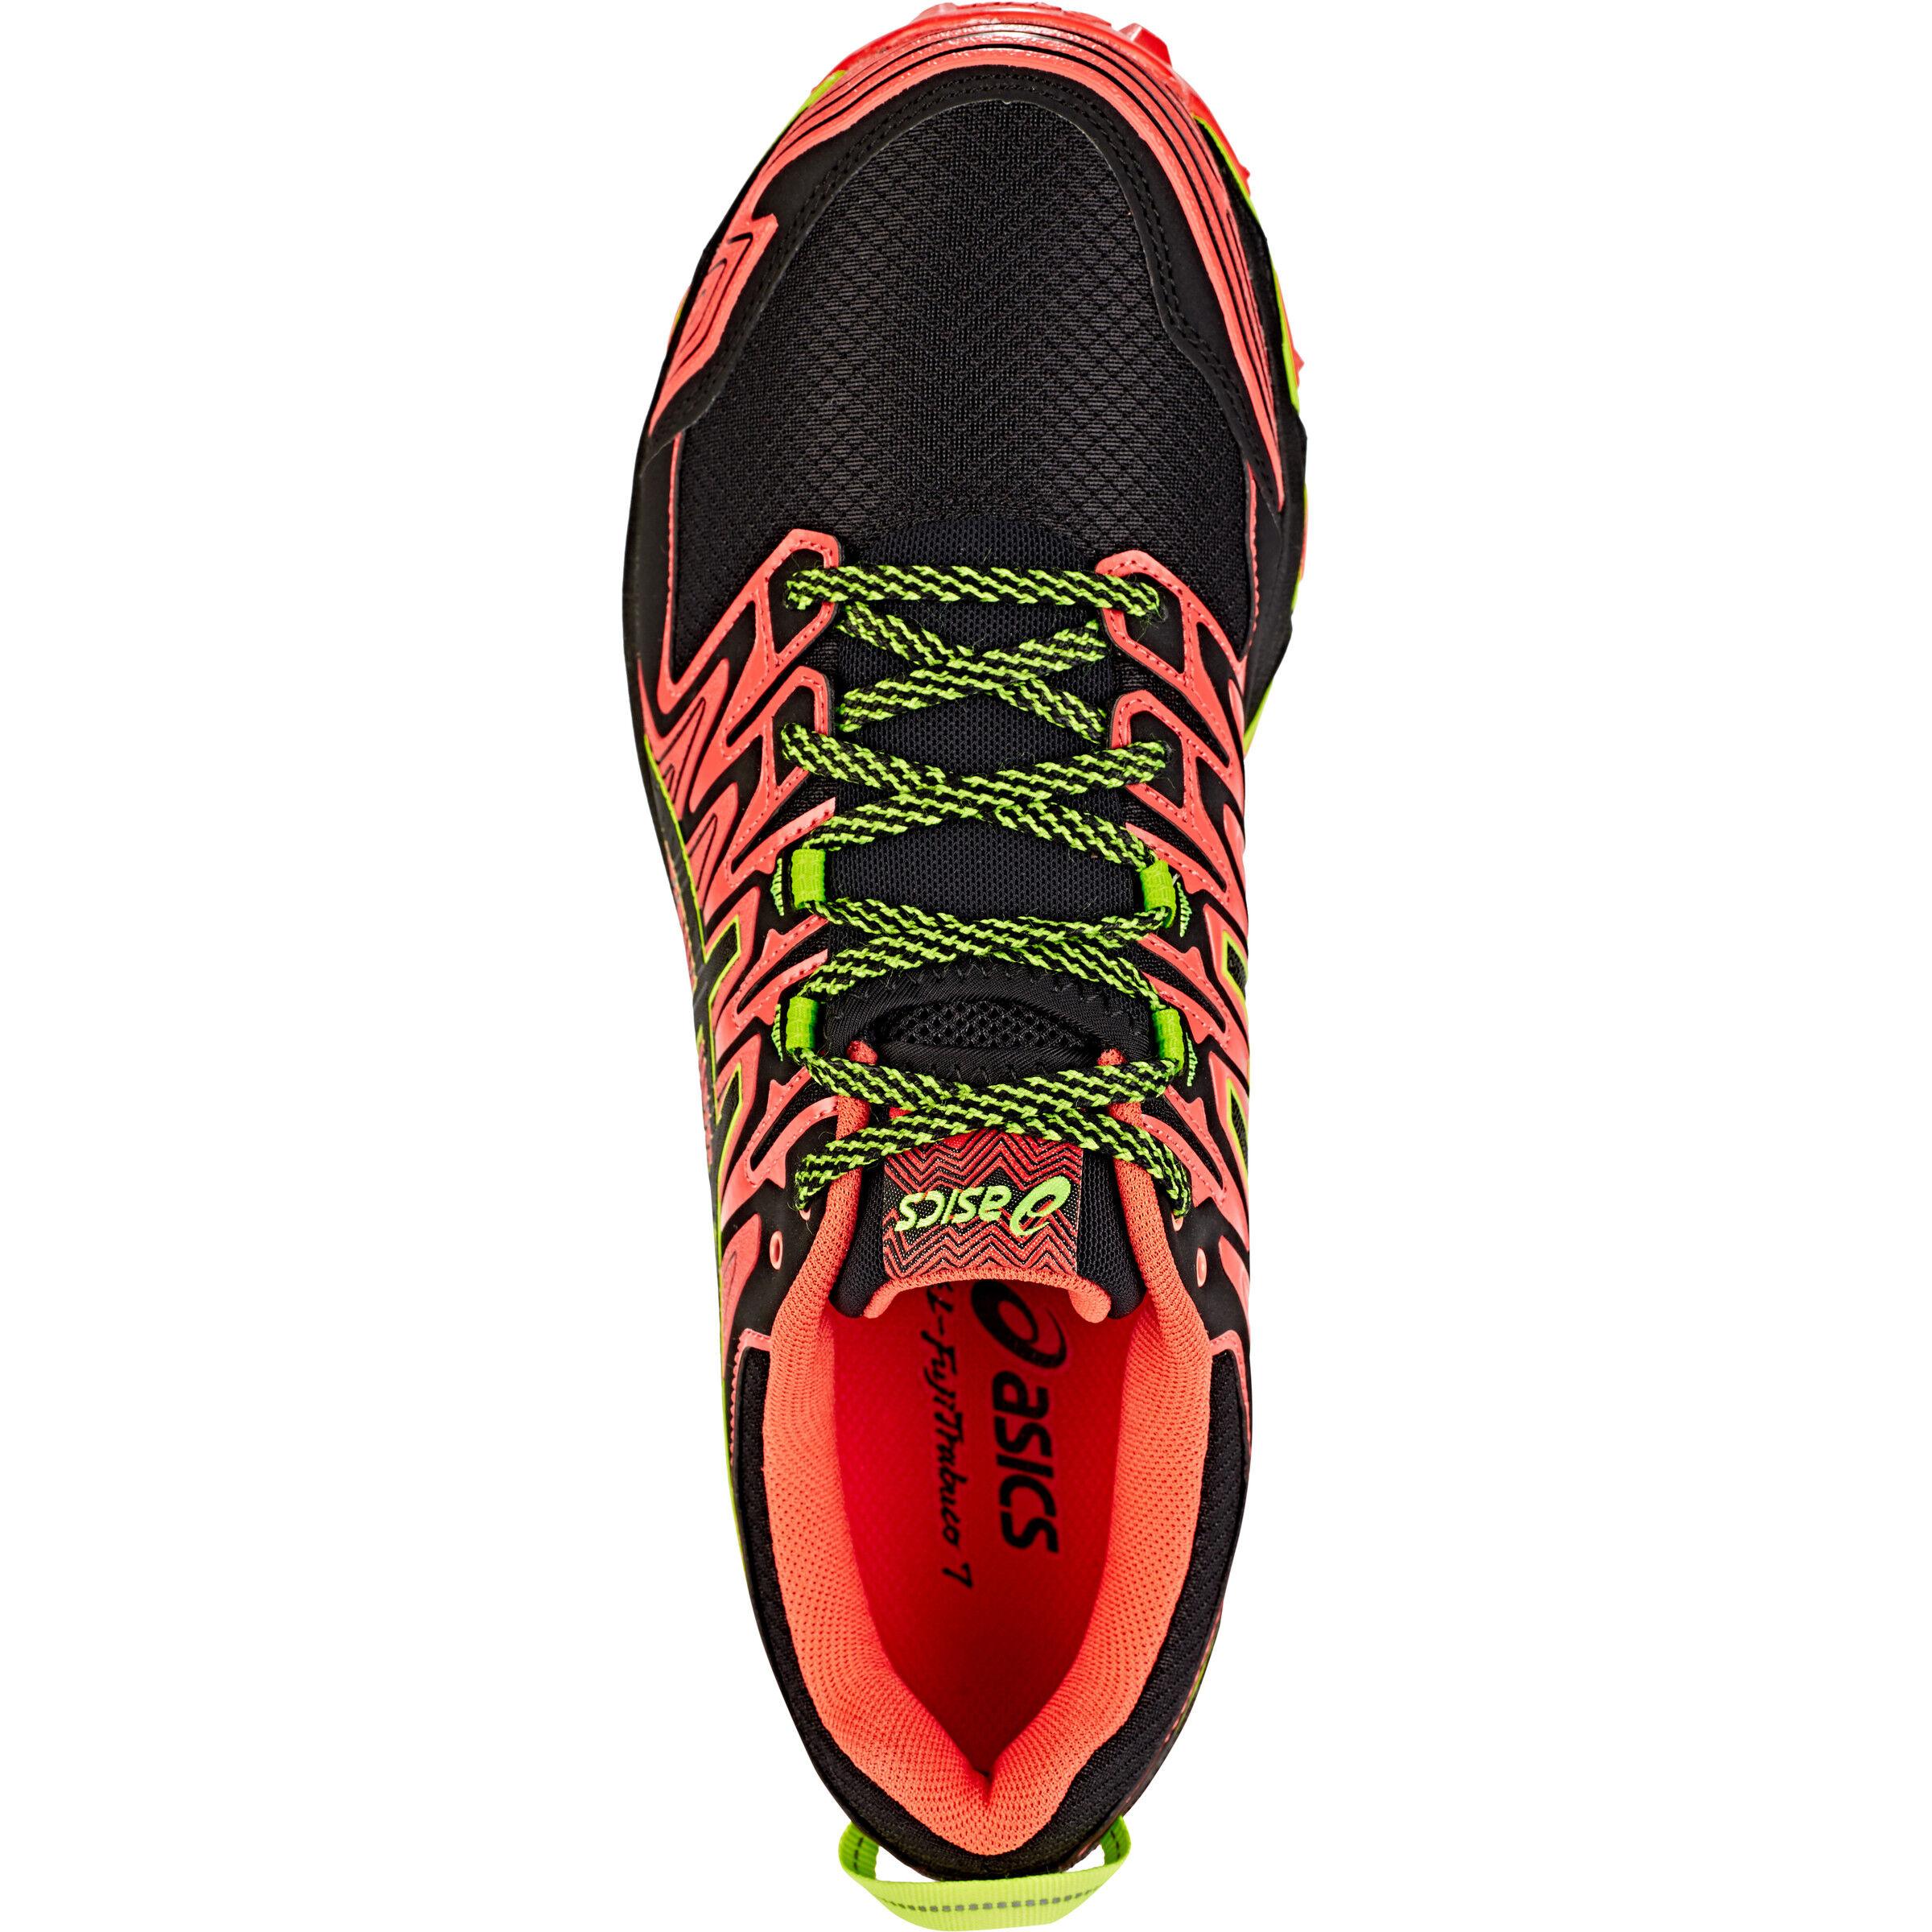 asics Gel FujiTrabuco 7 Shoes Herren red snapperblack